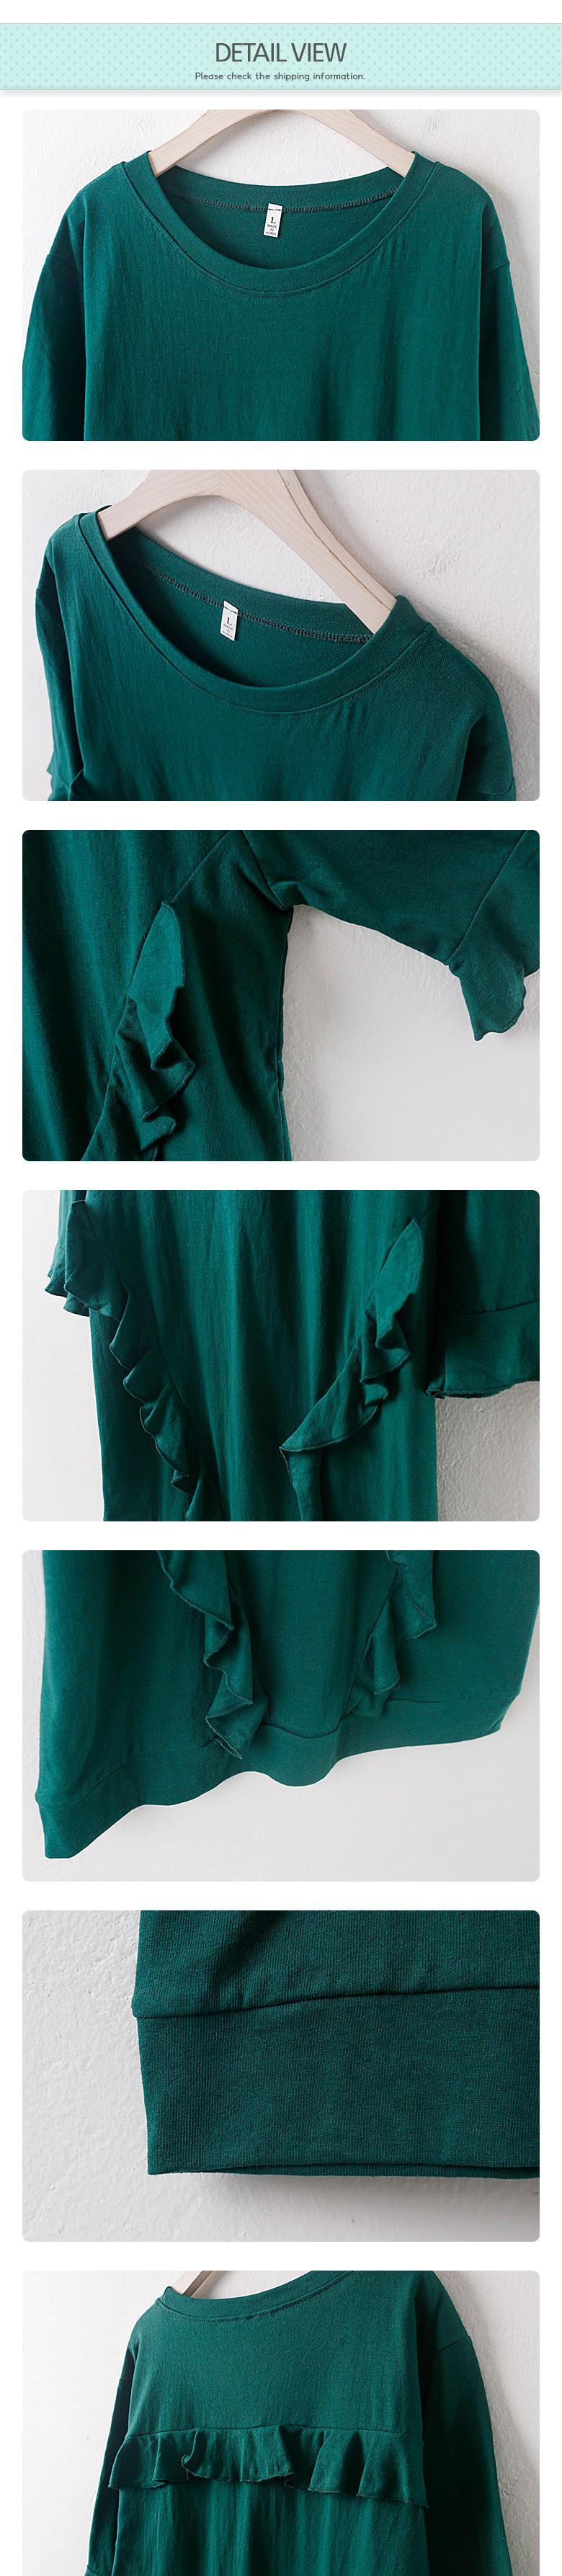 두이프릴티 MN1805 티셔츠 여성티셔츠 여자티셔츠 여성용티셔츠 캐주얼티셔츠 여성캐주얼티셔츠 여성패션티셔츠 패션티셔츠 라운드넥티셔츠 여자패션티셔츠